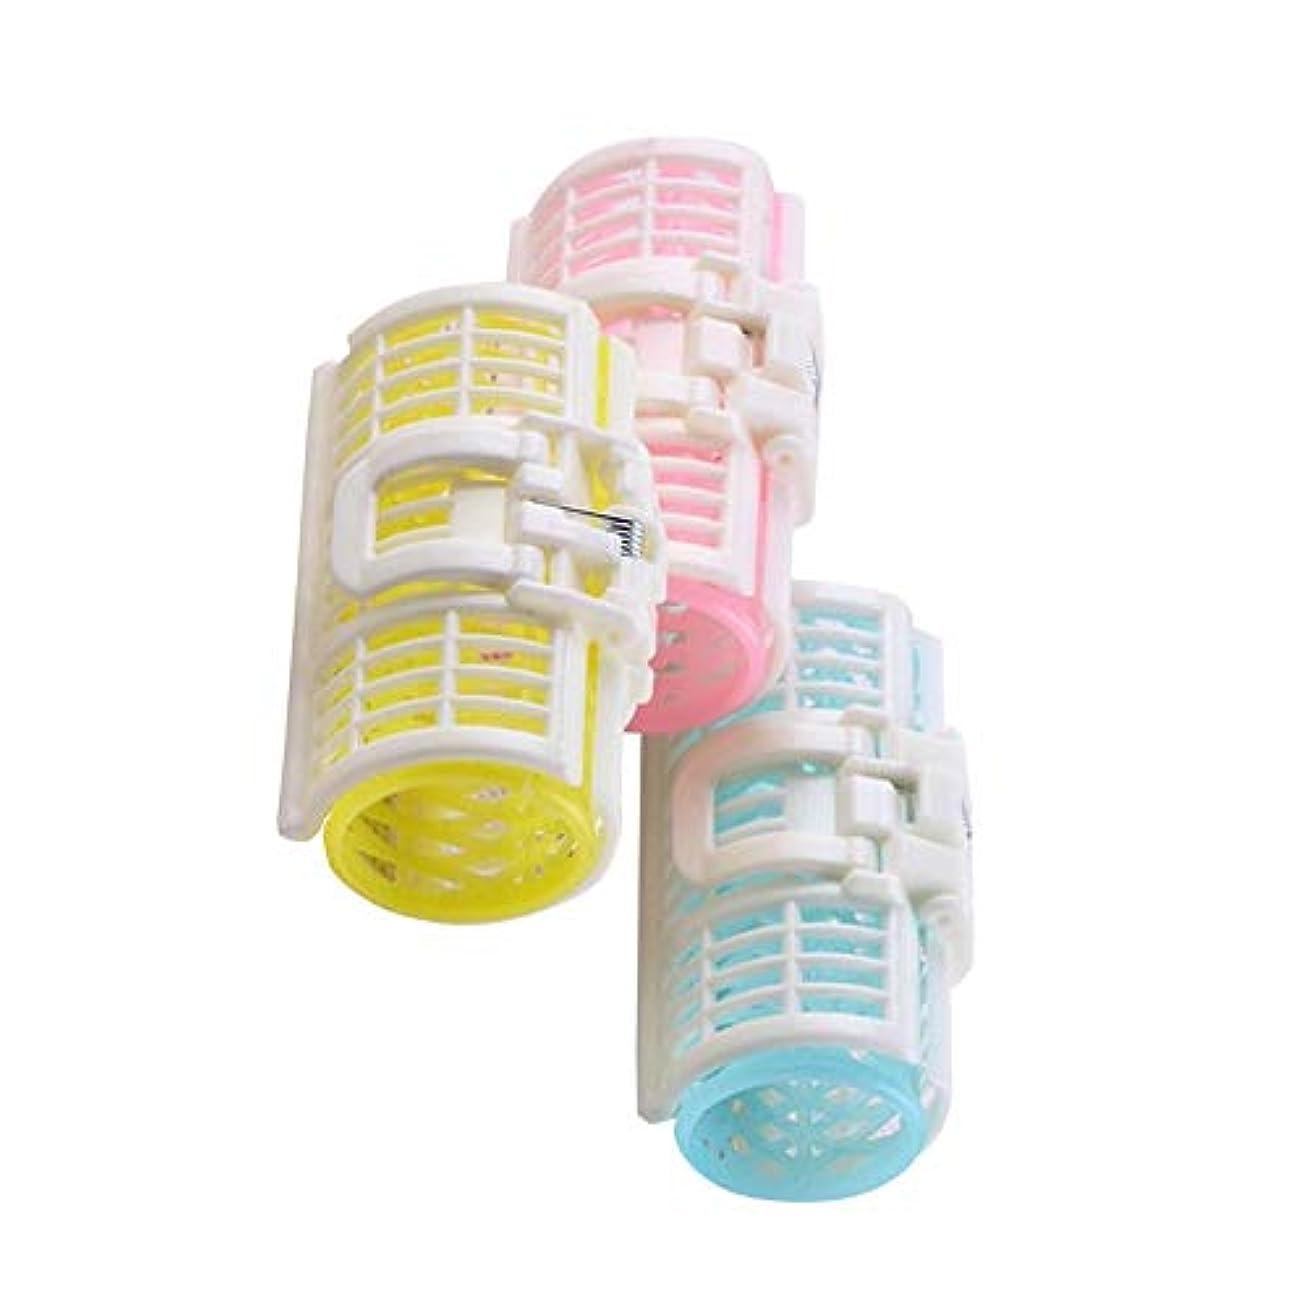 回想ソフトウェア子供っぽい3つの大きな爆発ツールのヘアケア製品の耐久性のあるプラスチック製のヘアカーラーヘアクリップ